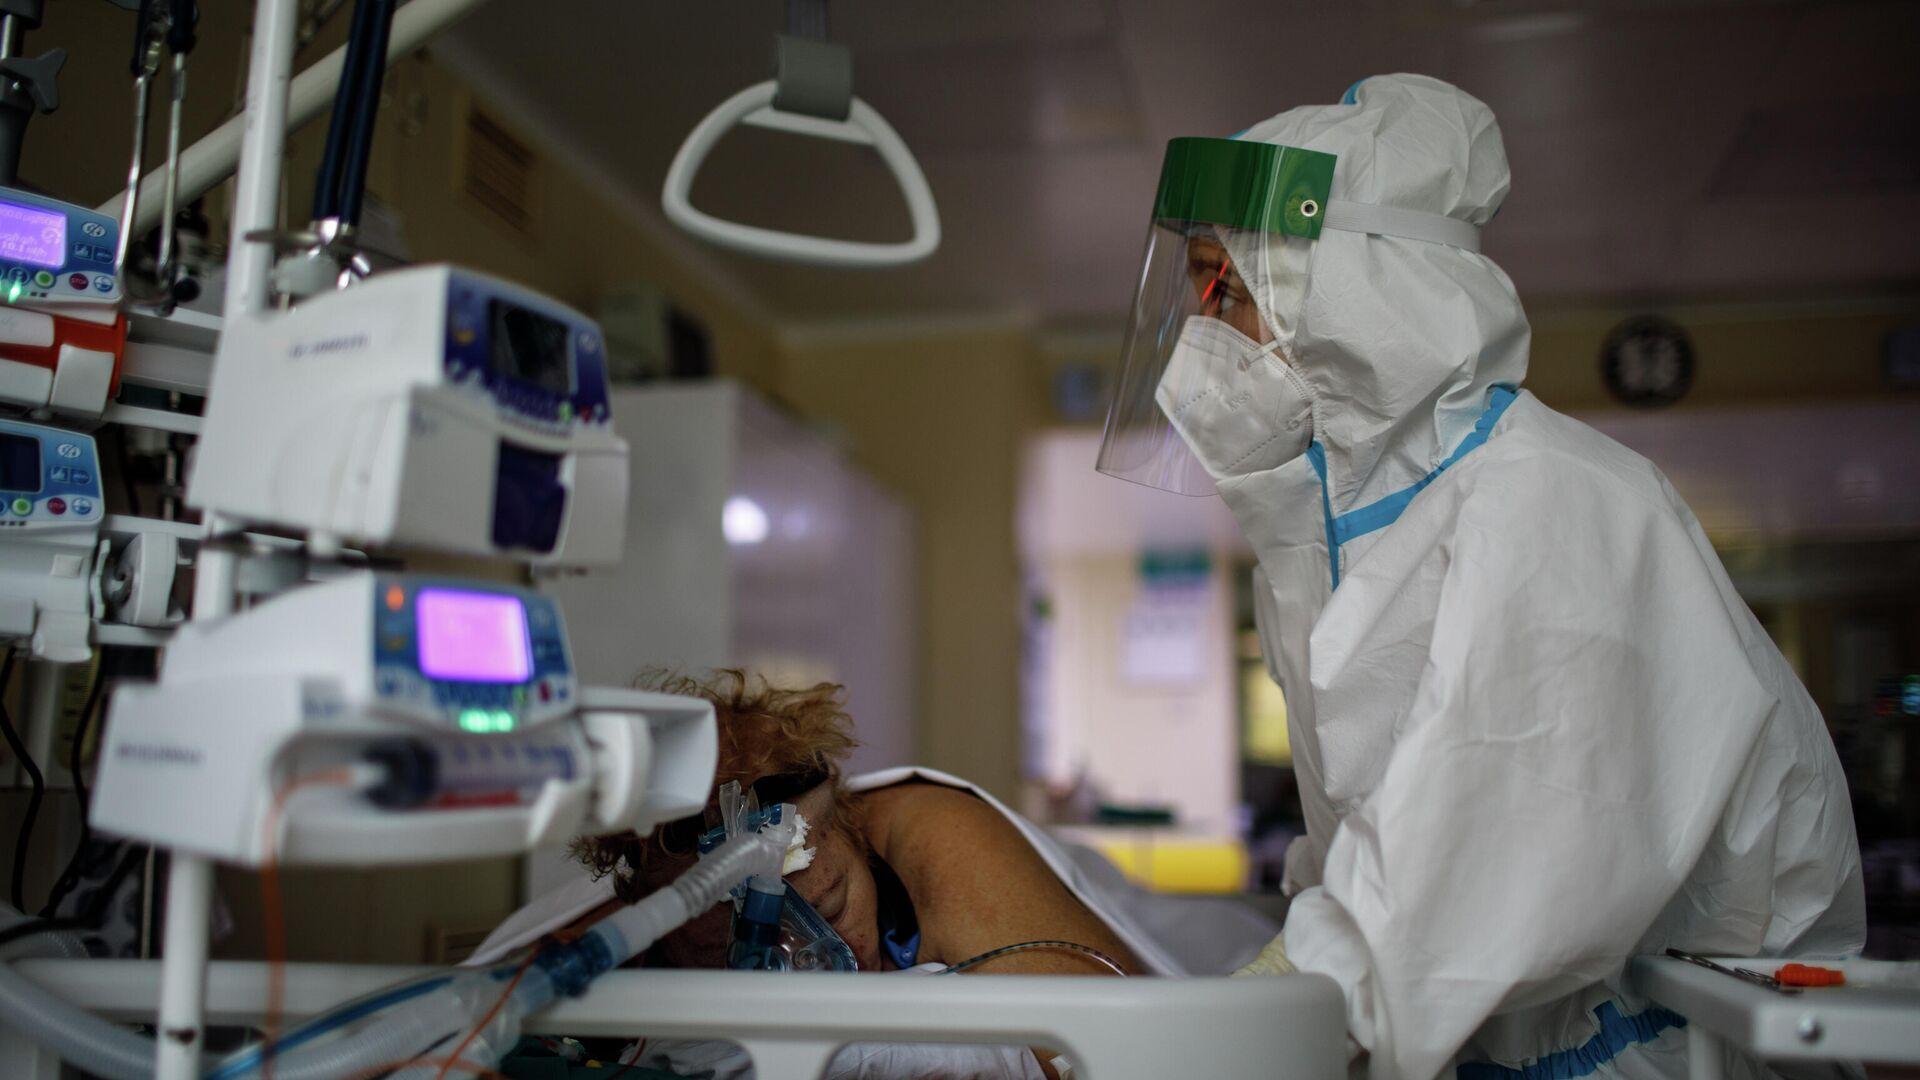 Медицинский работник оказывает помощь пациенту с COVID-19 в отделении реанимации и интенсивной терапии городской клинической больницы № 52 - РИА Новости, 1920, 02.11.2020